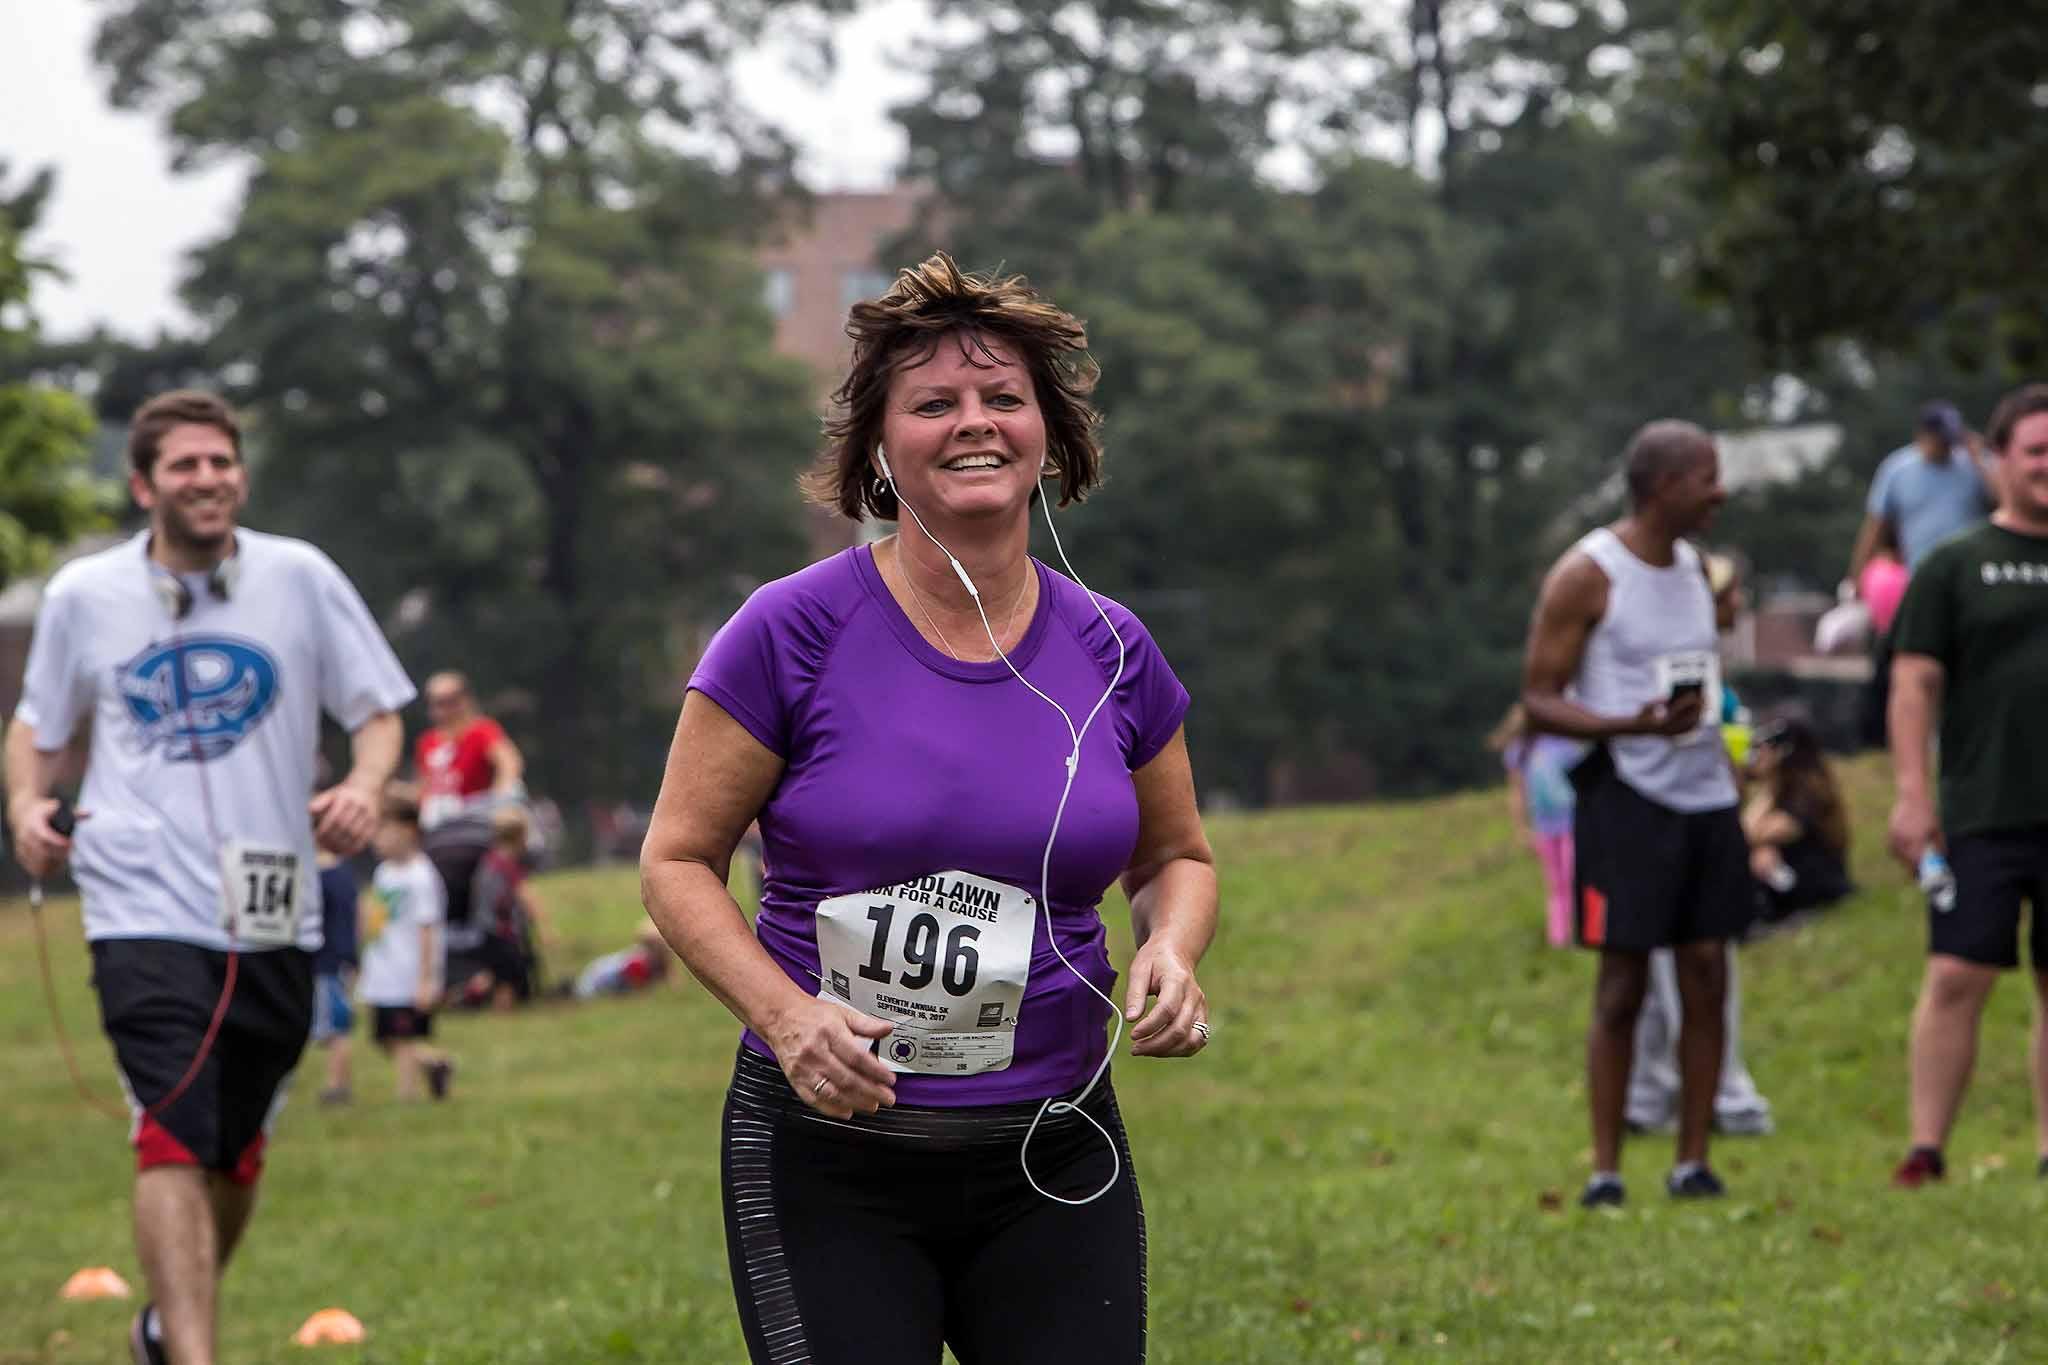 165-Woodlawn Run for a Cause-439.jpg